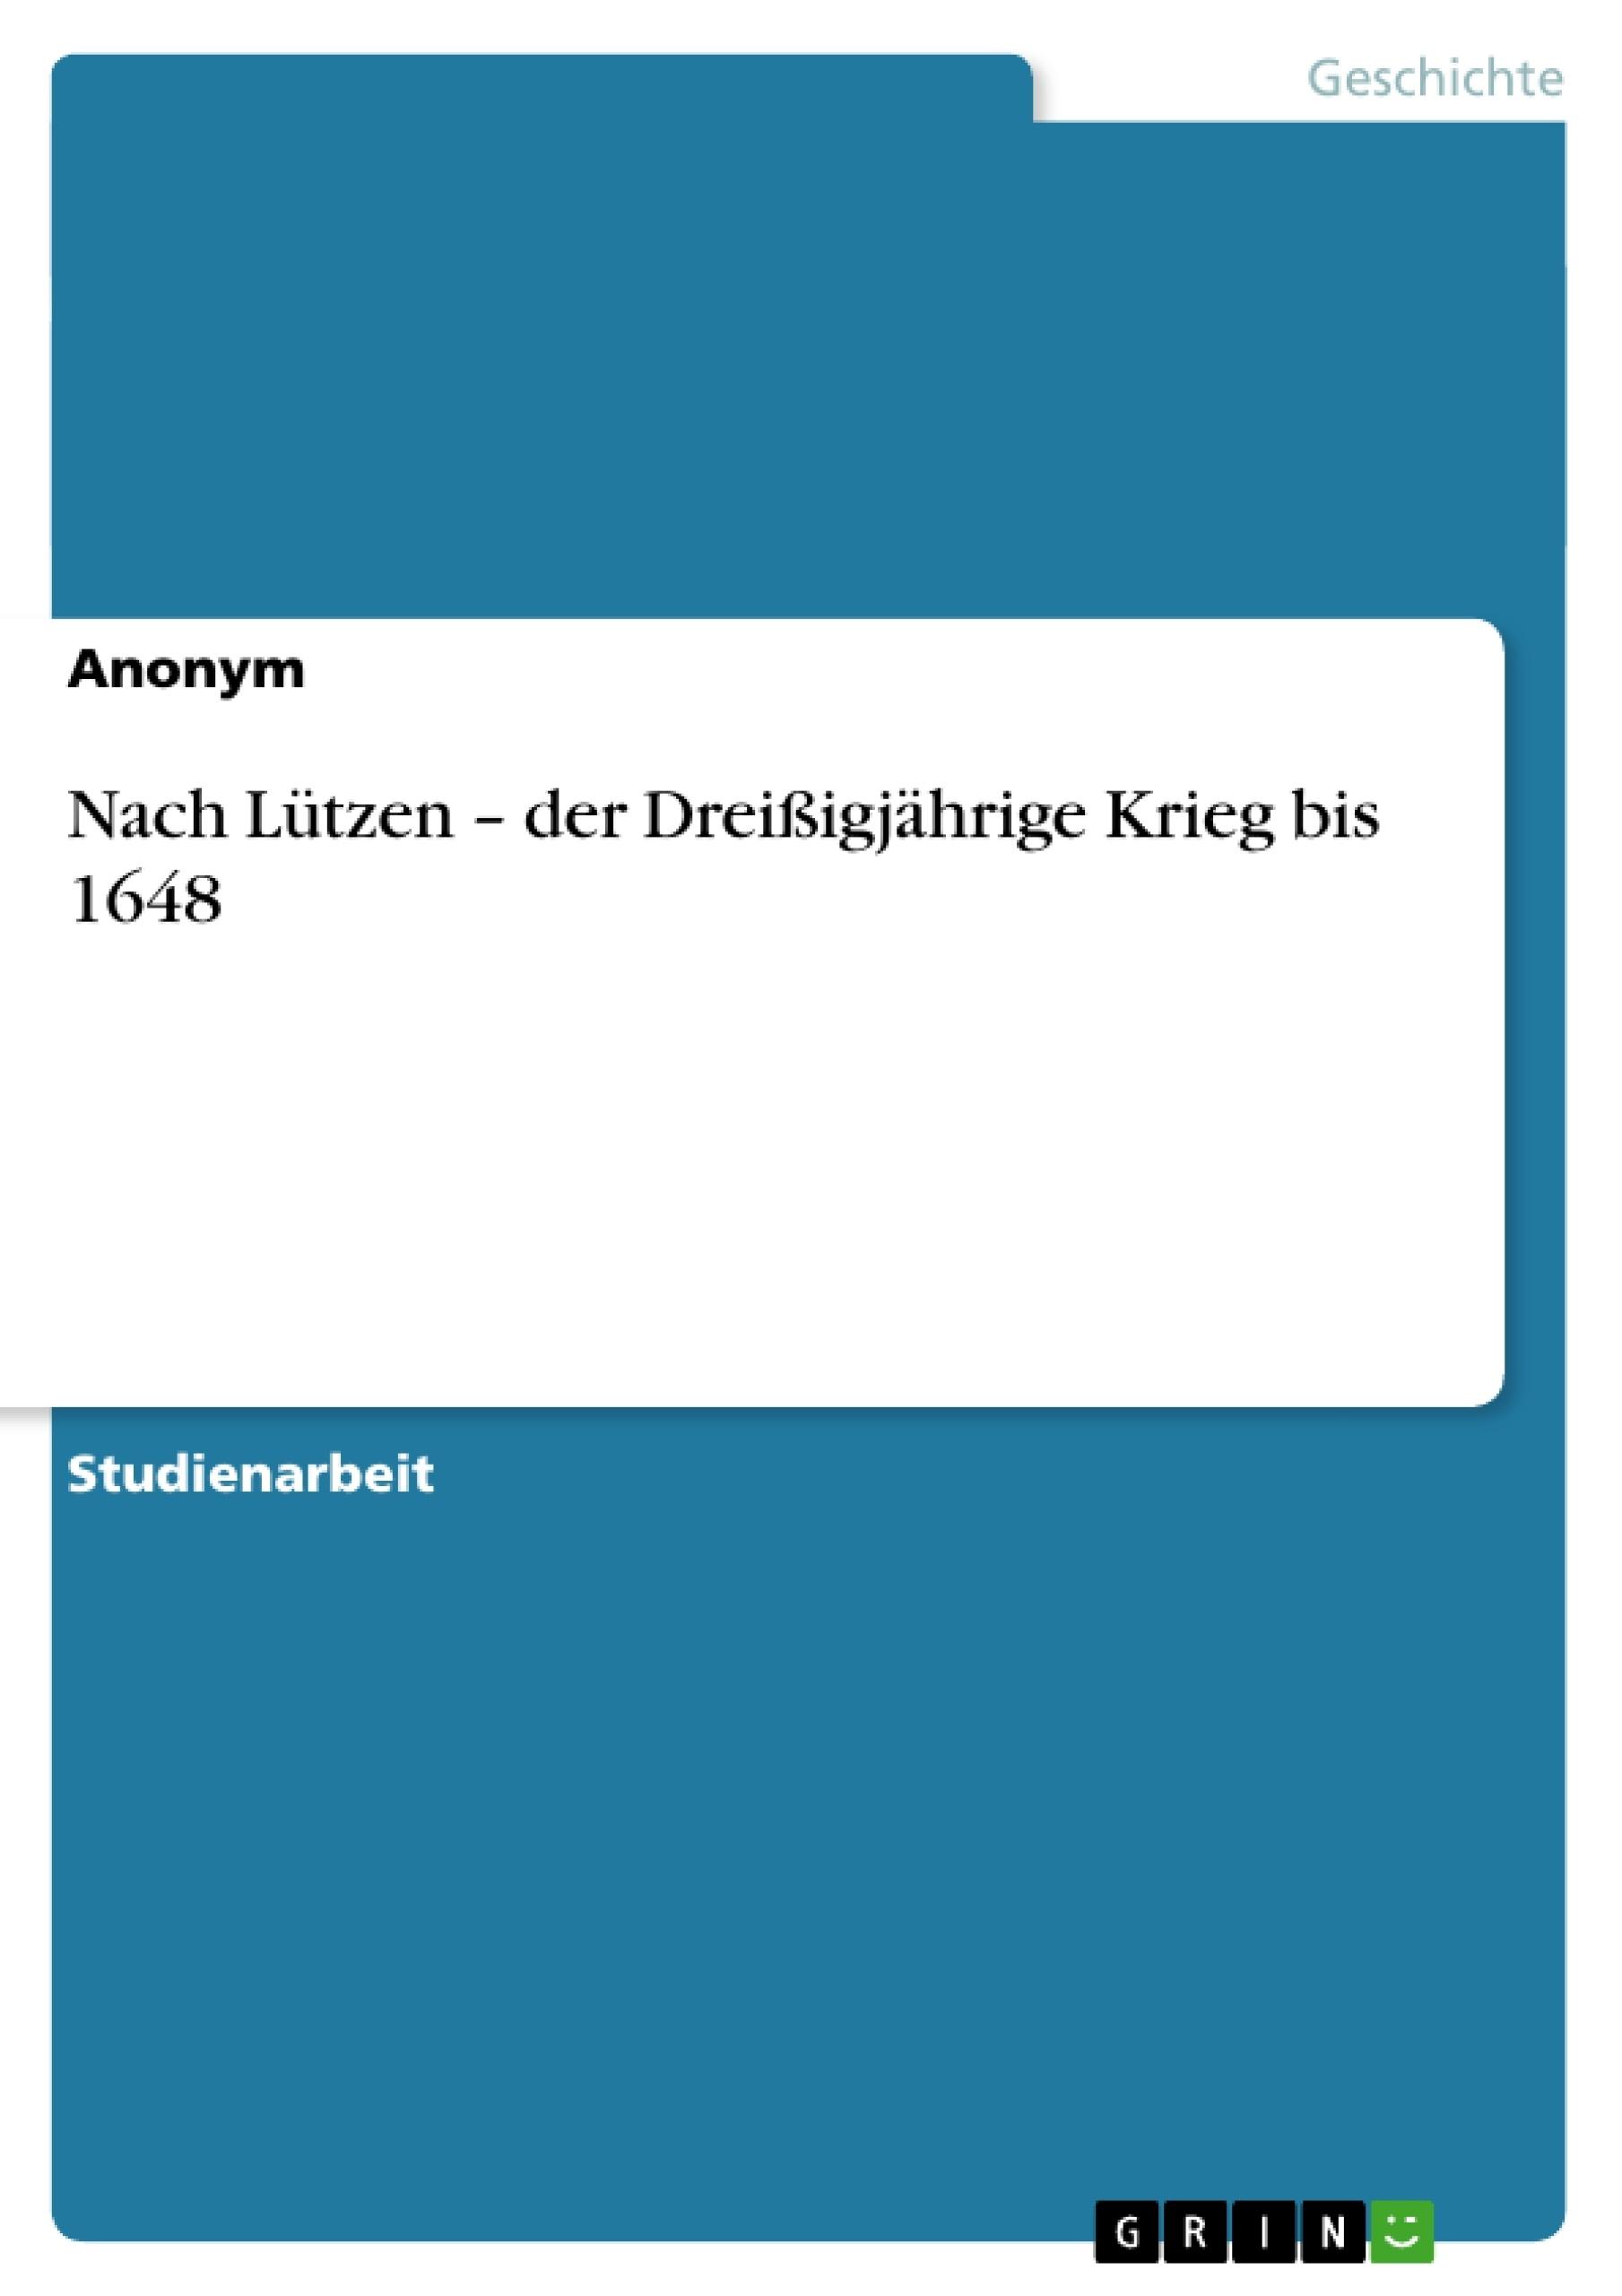 Titel: Nach Lützen – der Dreißigjährige Krieg bis 1648